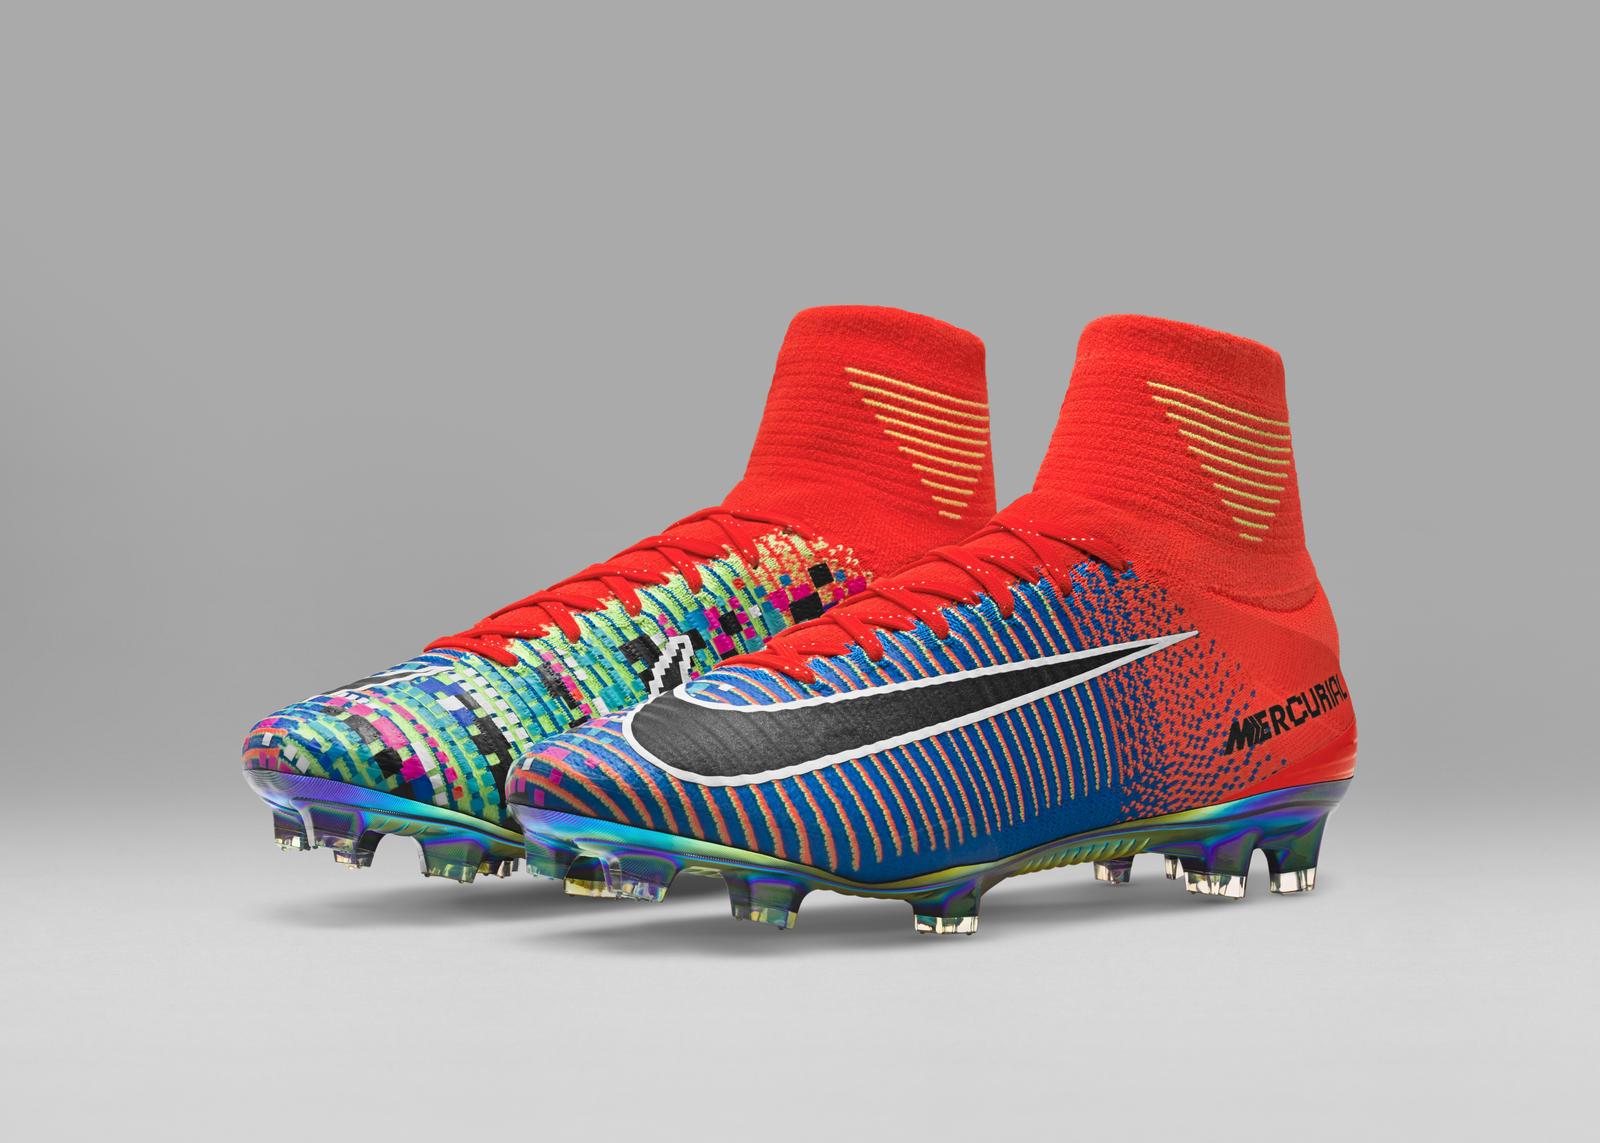 b858efedd0e1 Erhältlich ist der auf 1.500 Paar limitierte Nike Mercurial Boot von EA  Sports ab dem 26. September direkt online bei Nike. Im Videospiel kann man  den Schuh ...